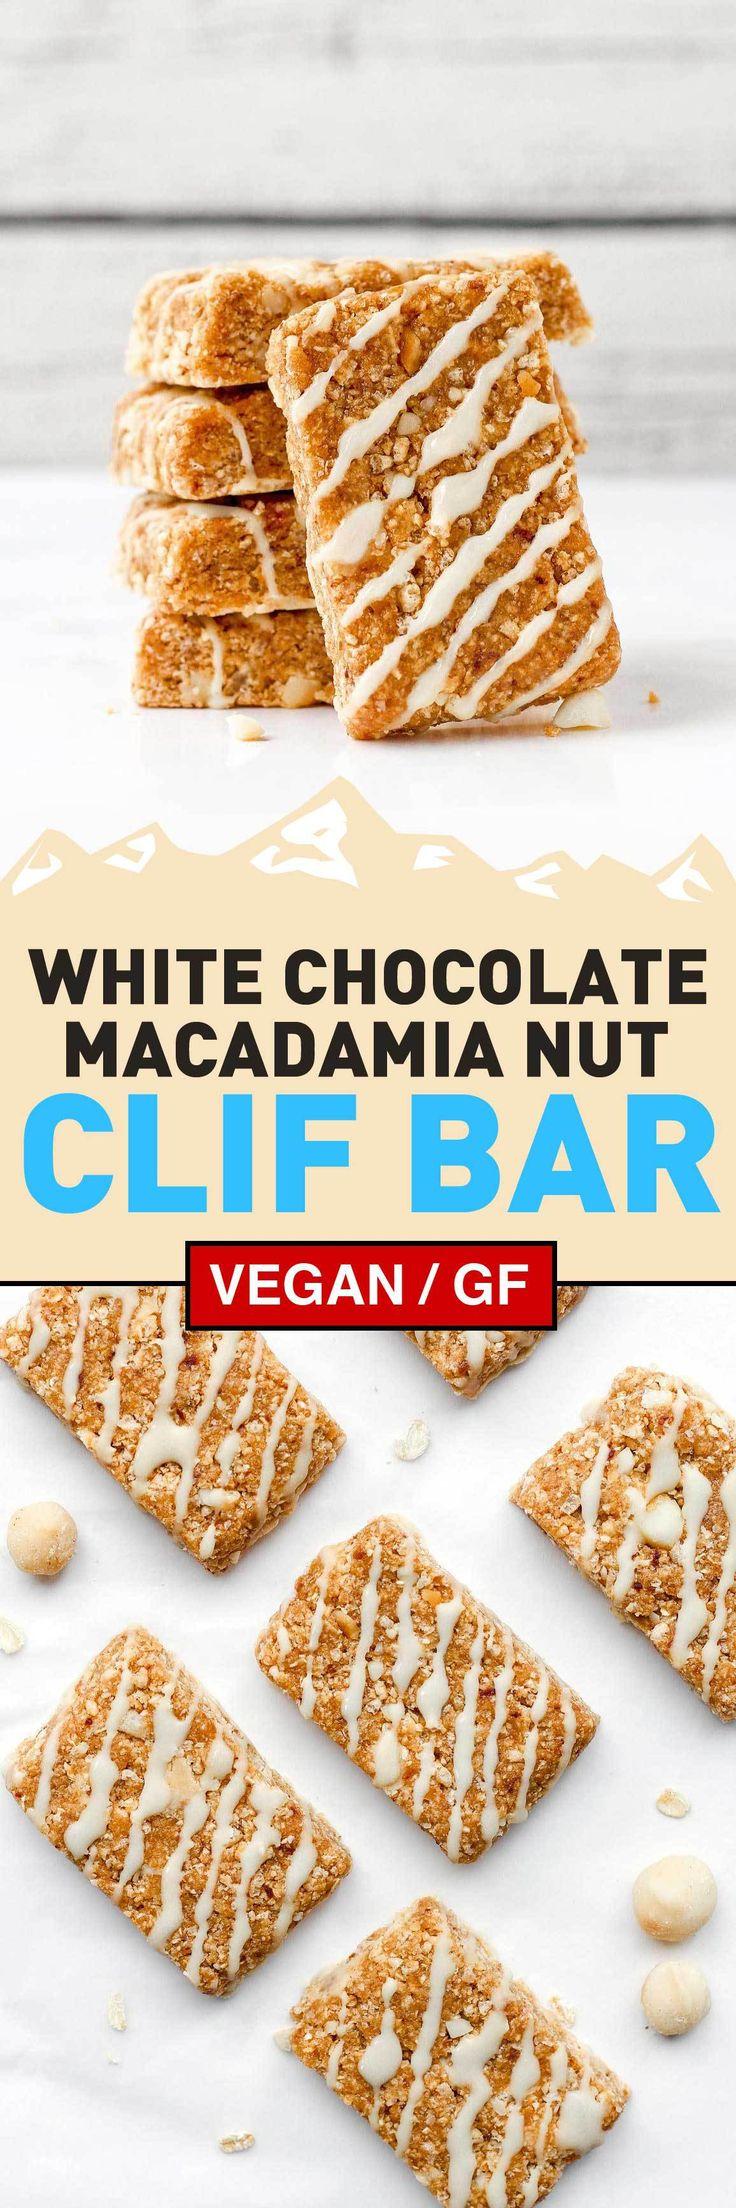 Vegan White Chocolate Macadamia Clif Bars